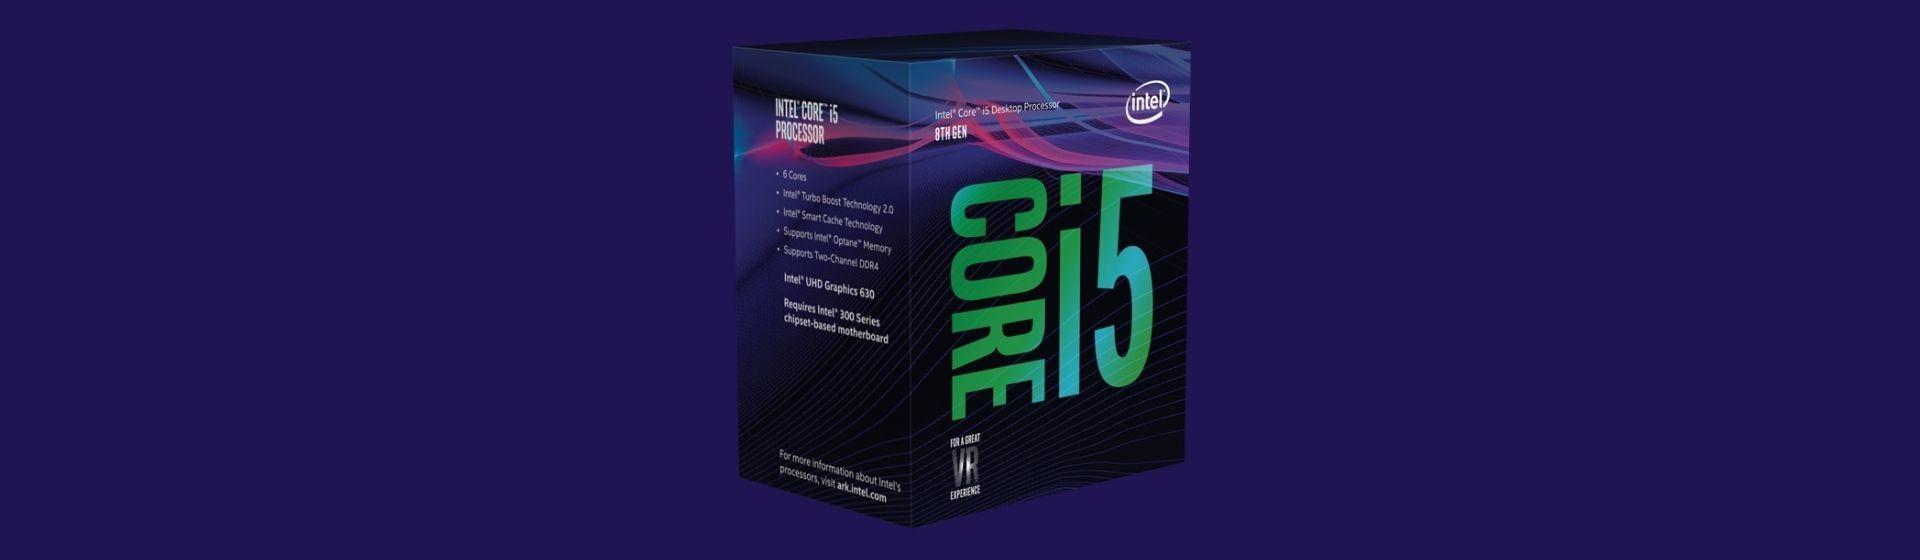 Intel Core i5 8400 ainda é bom? Analisamos o chip de oitava geração